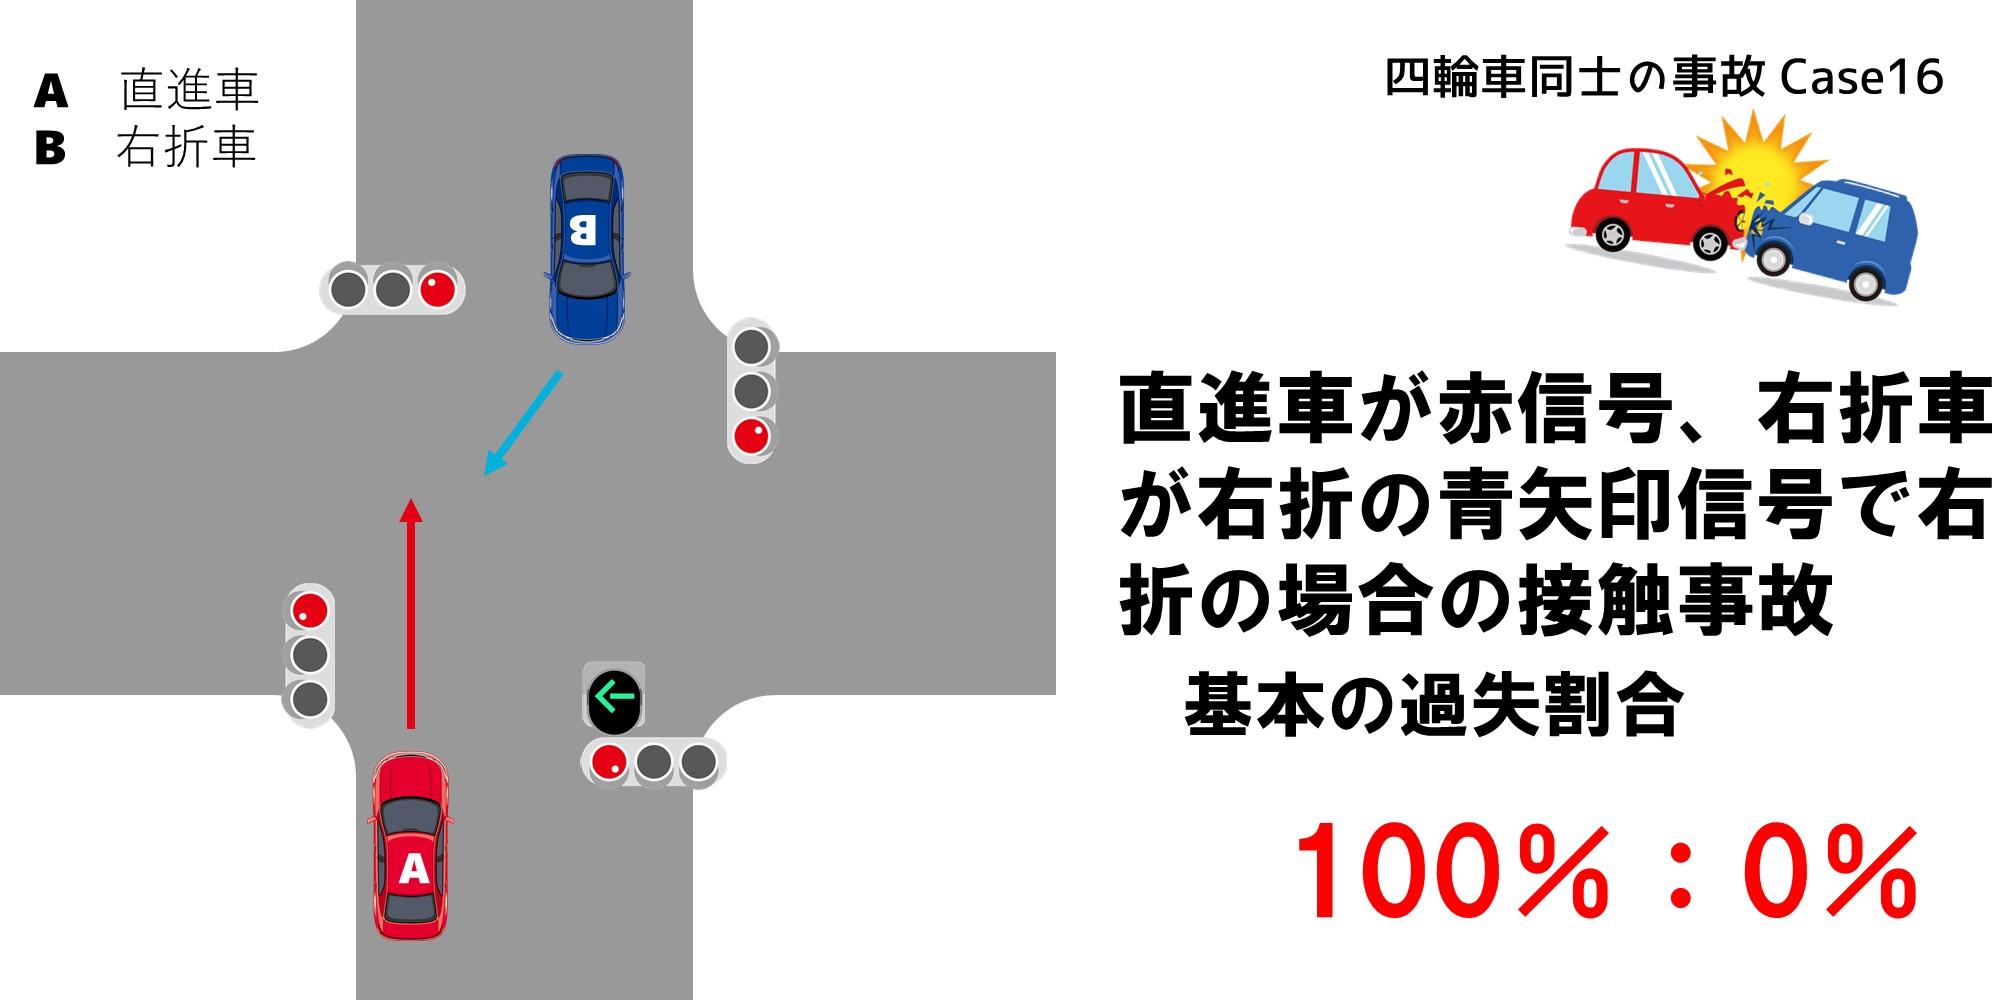 直進車が赤信号、右折車が右折の青矢印信号で右折による接触事故の過失割合